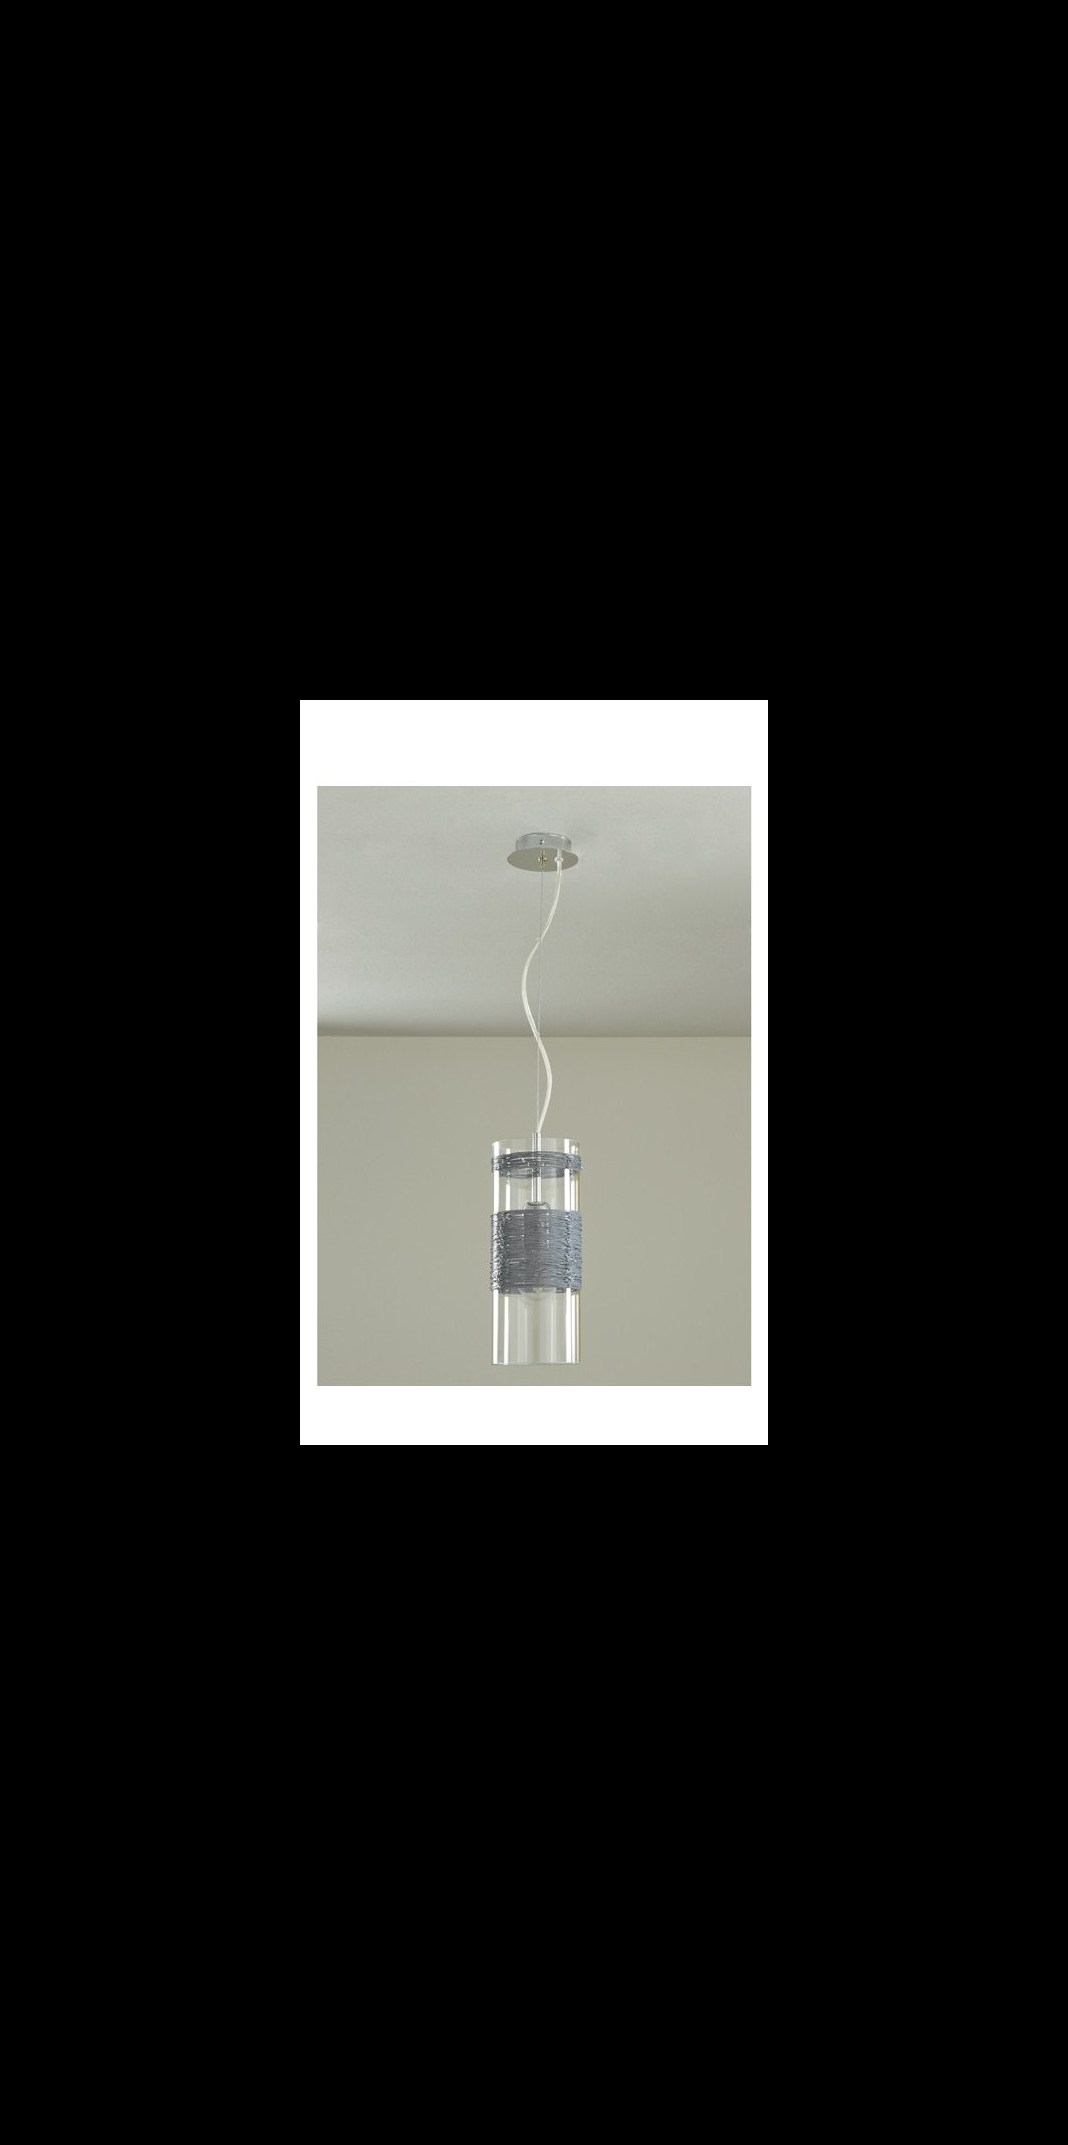 Padana Lampadari Lampada a sospensione ZEN 1008 - Colore grigio